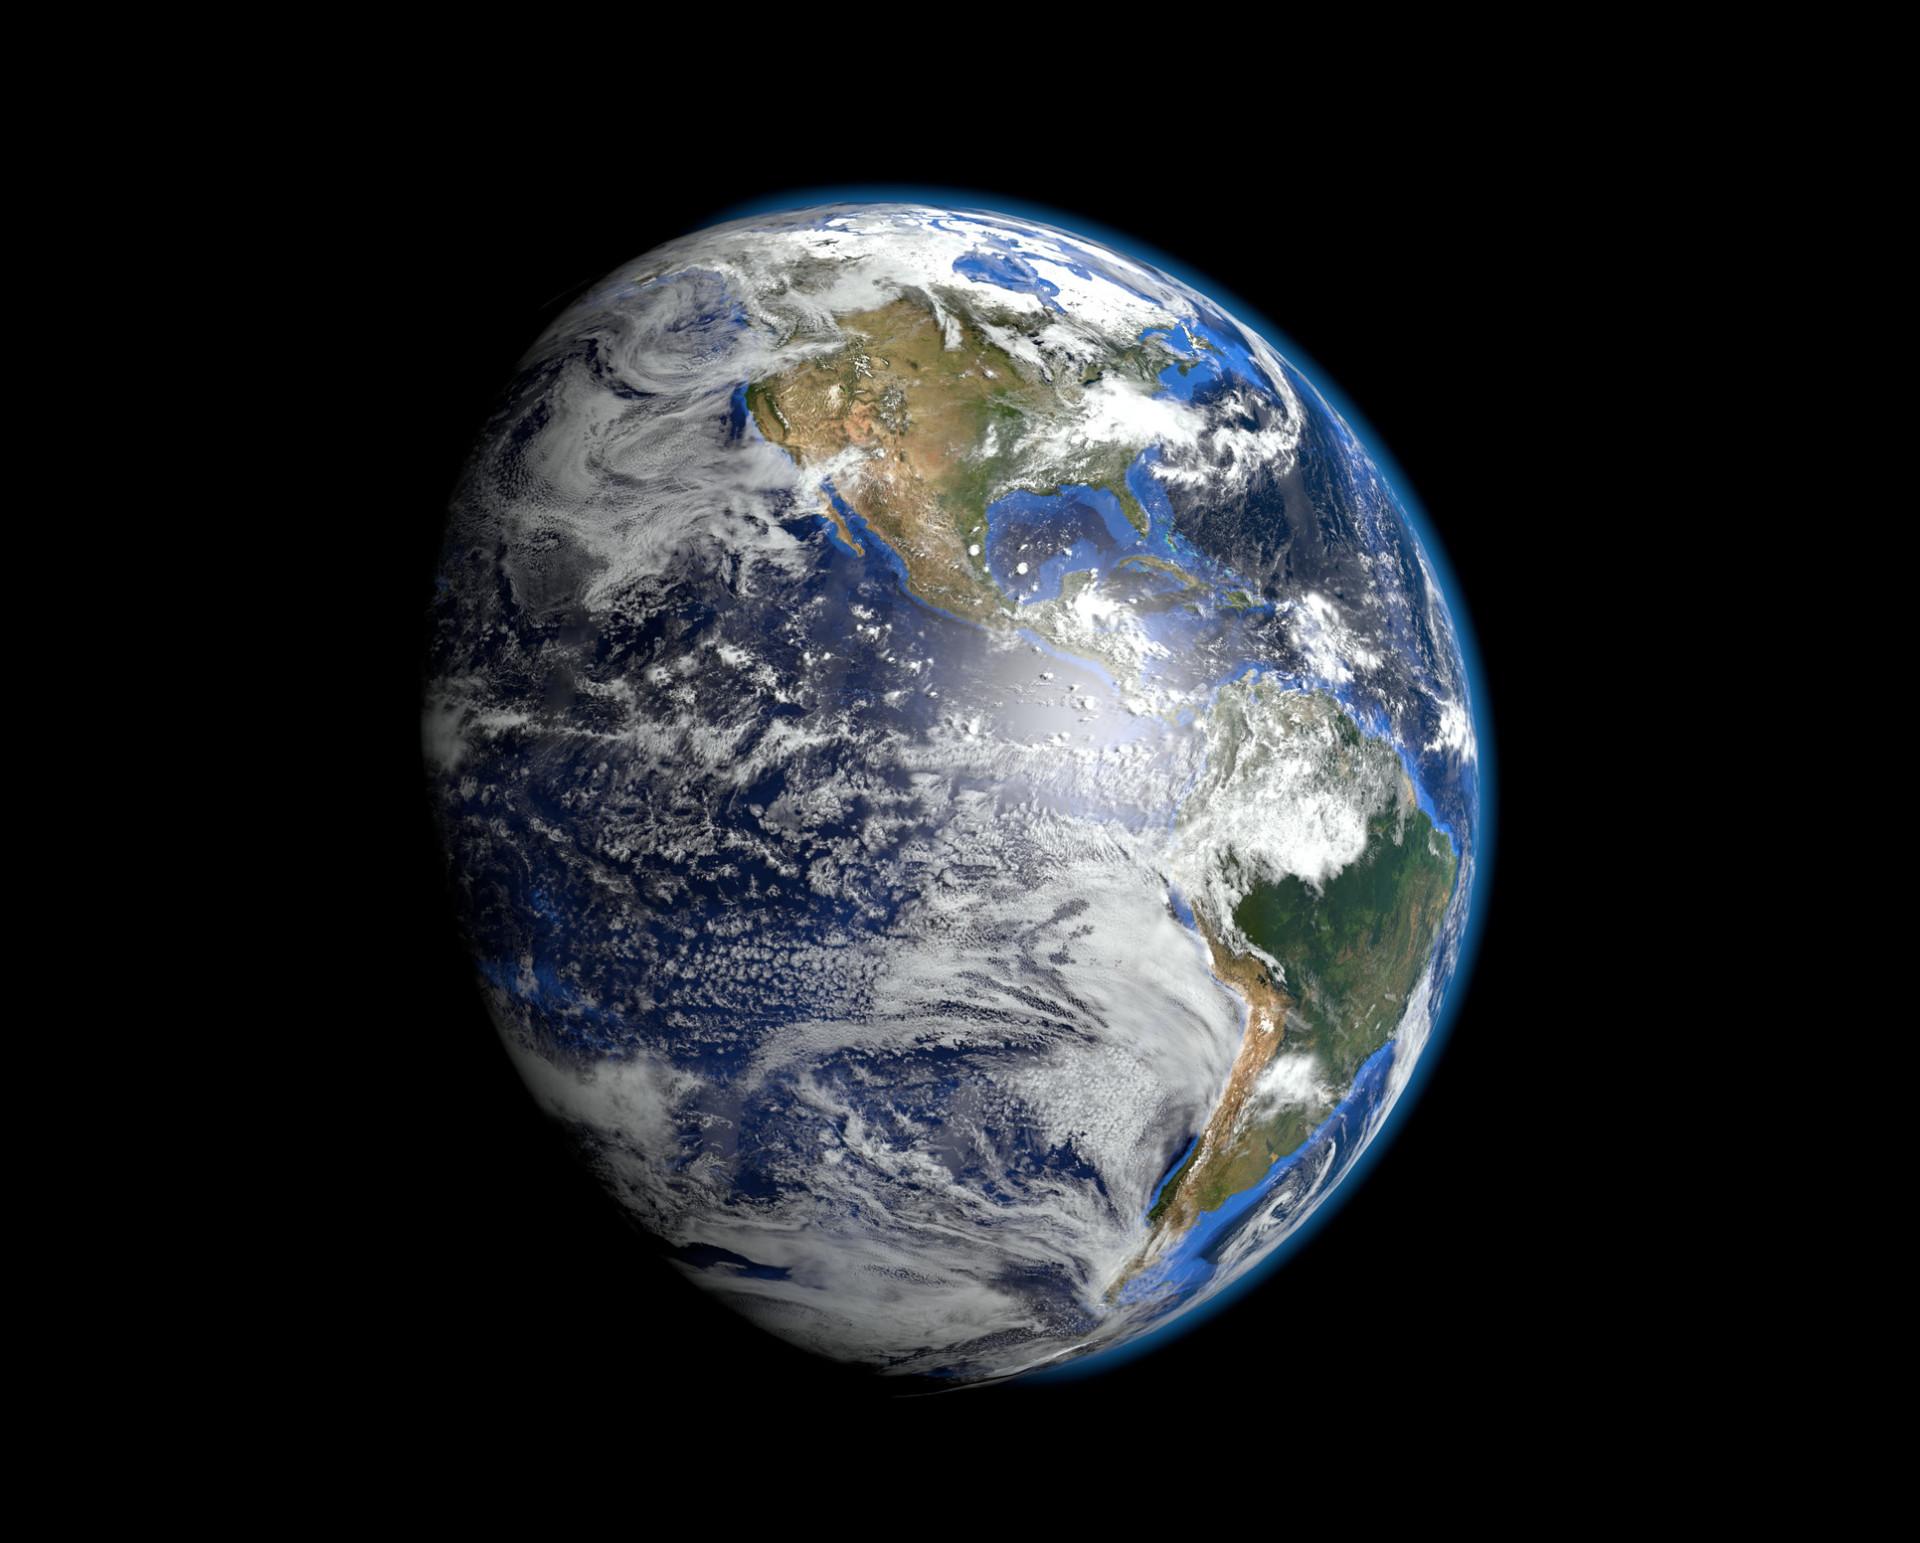 Como é viver no Espaço? Conheça as curiosidades mais fascinantes